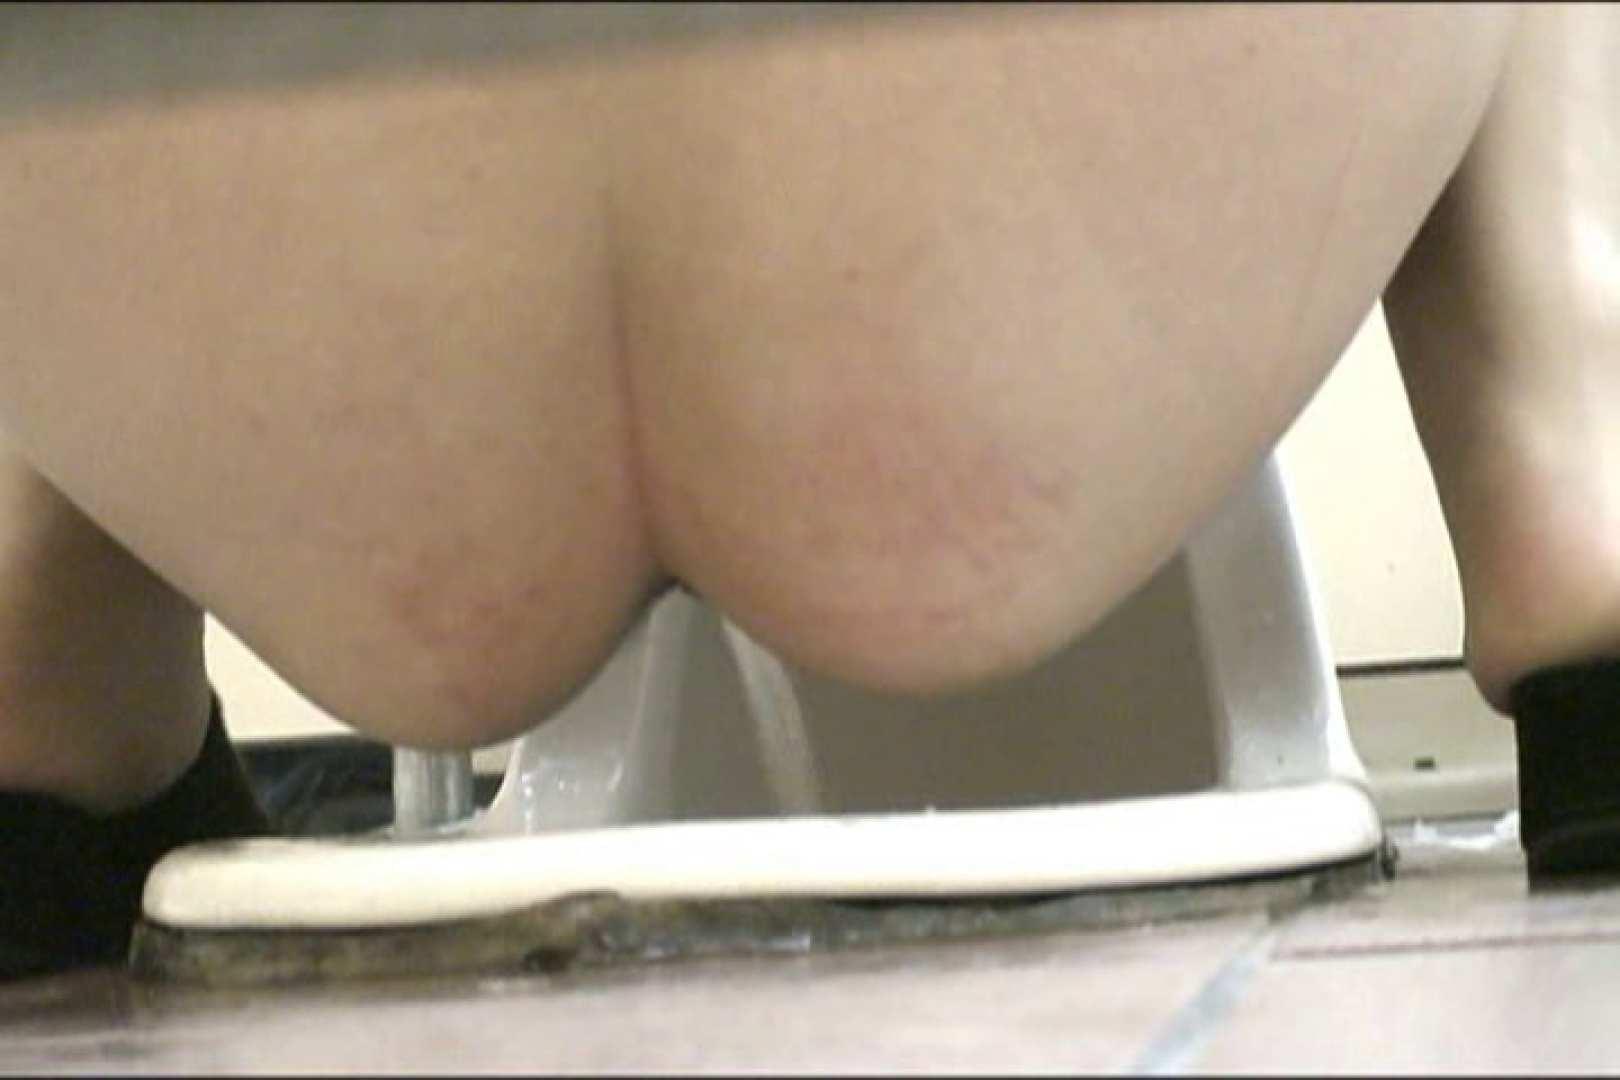 マンコ丸見え女子洗面所Vol.18 マンコ | ギャル  102pic 66